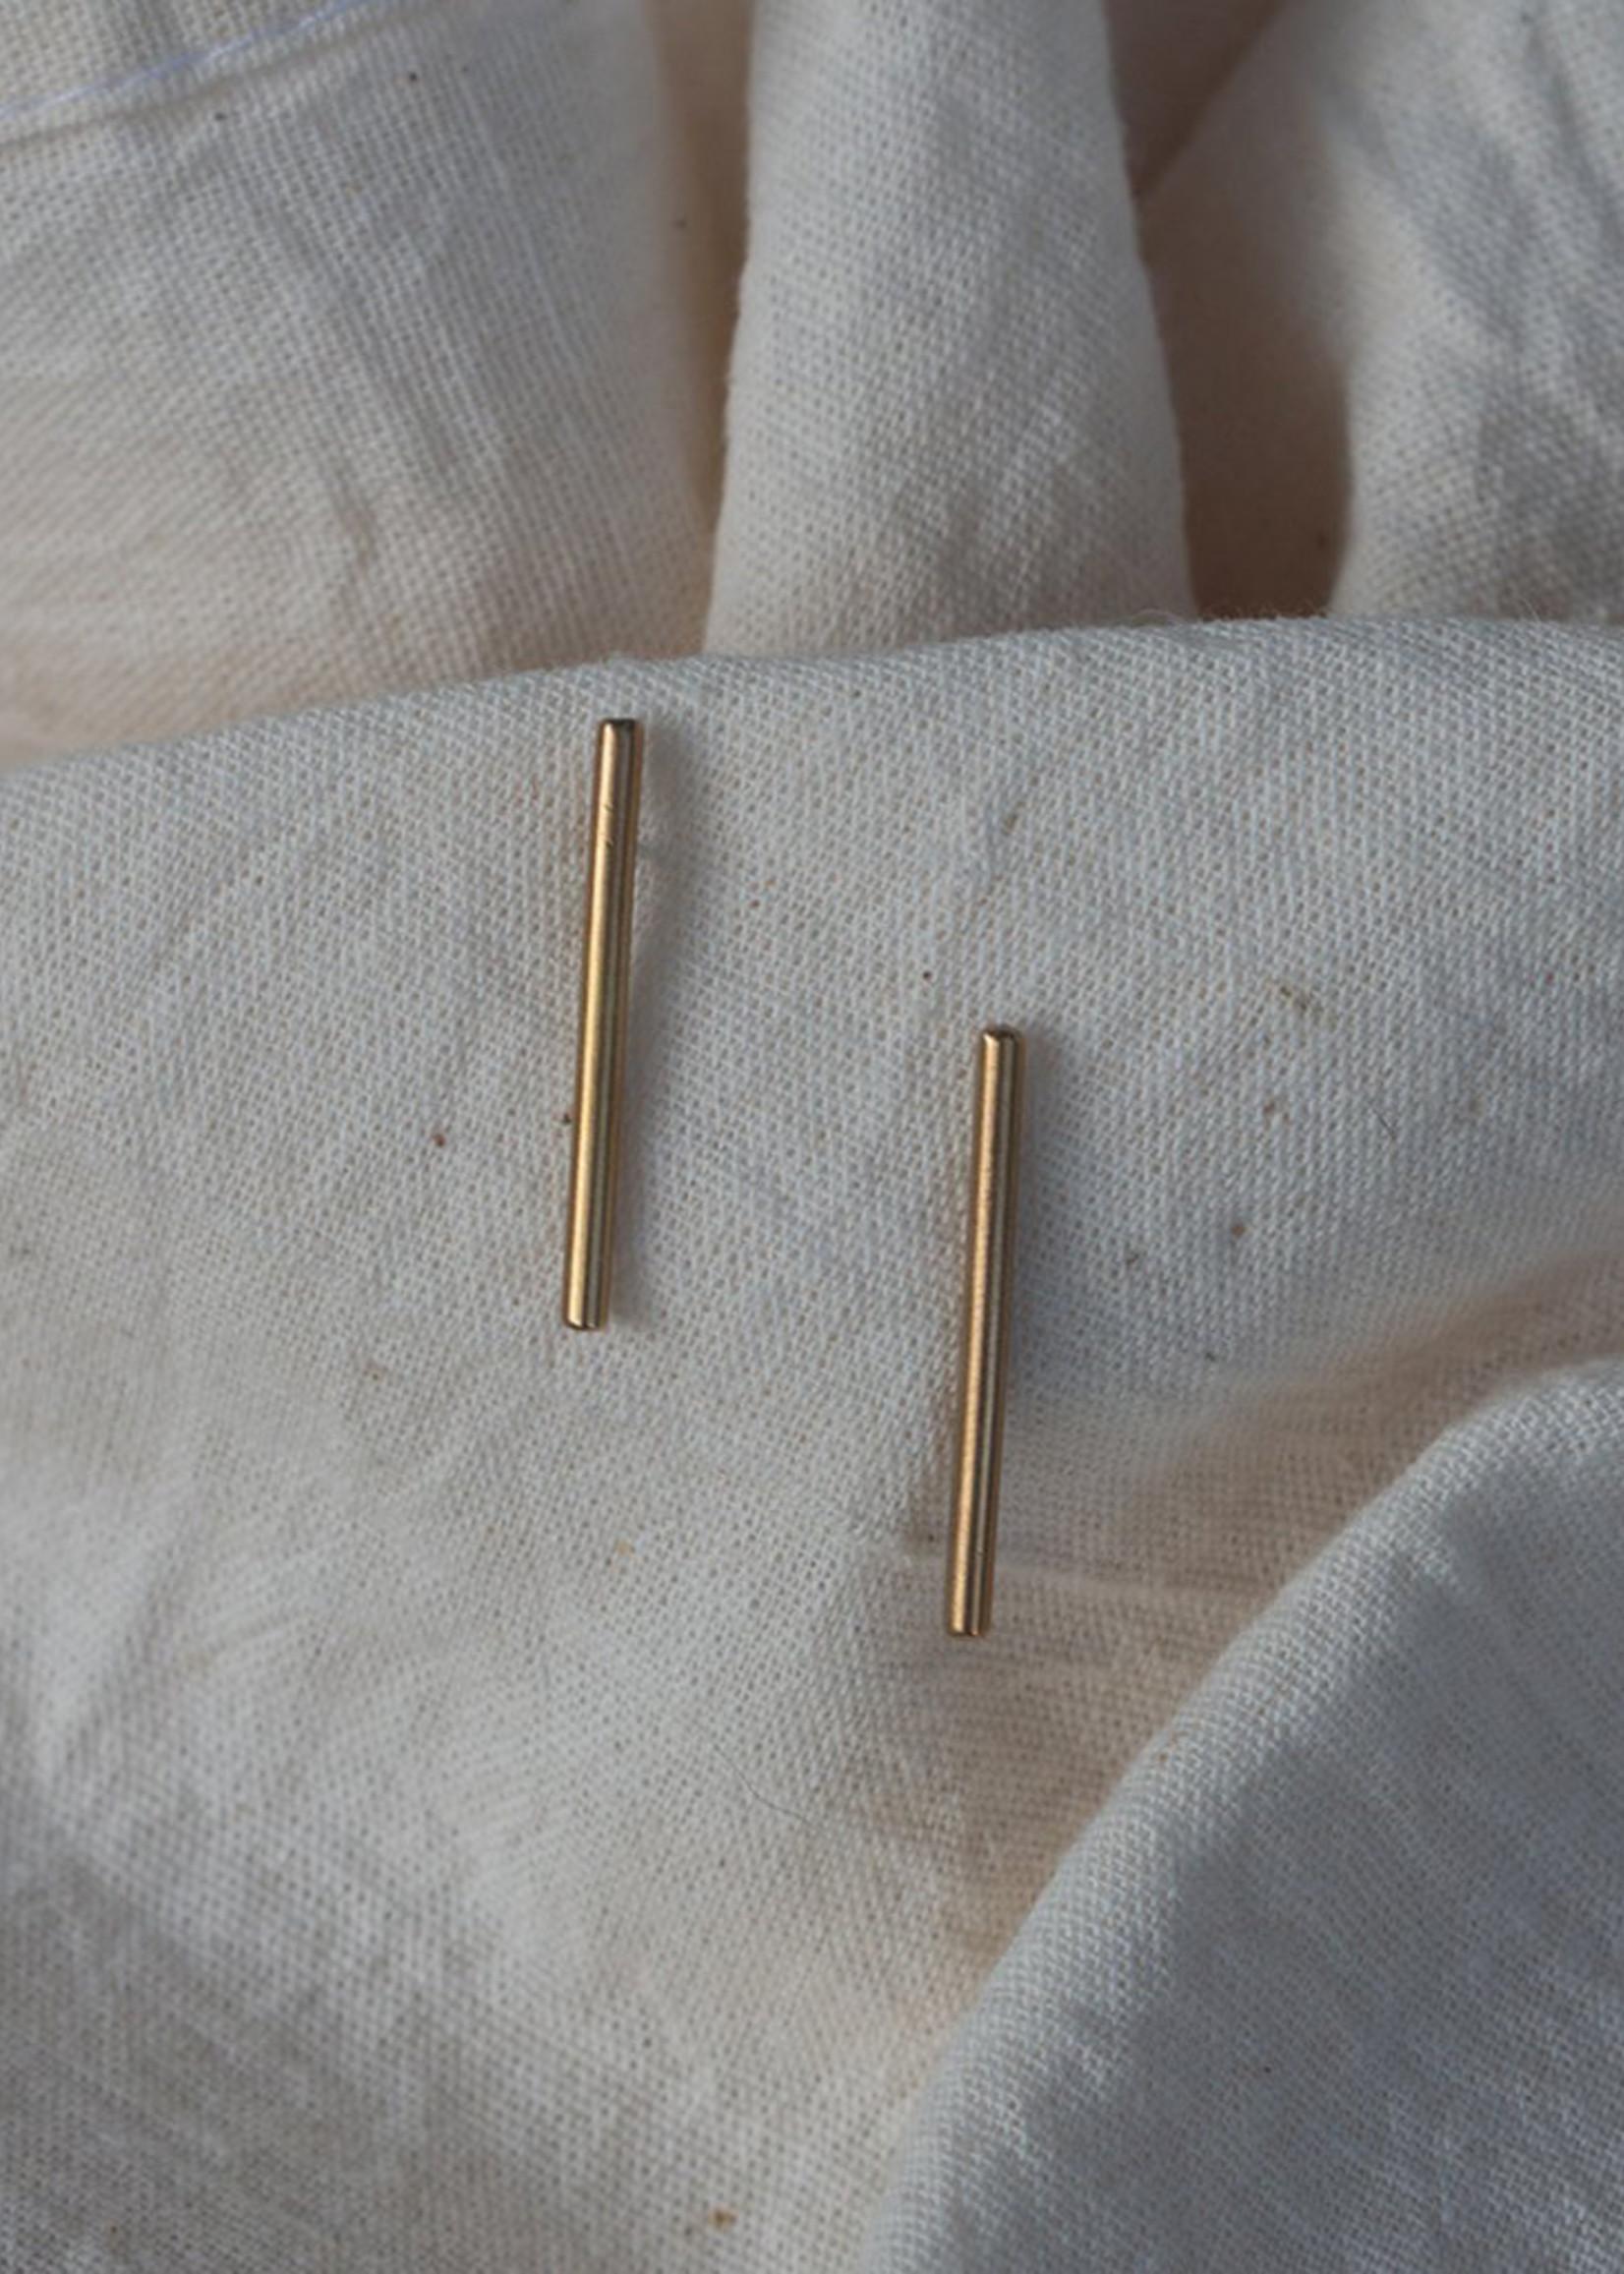 YEWO Thonga Earrings